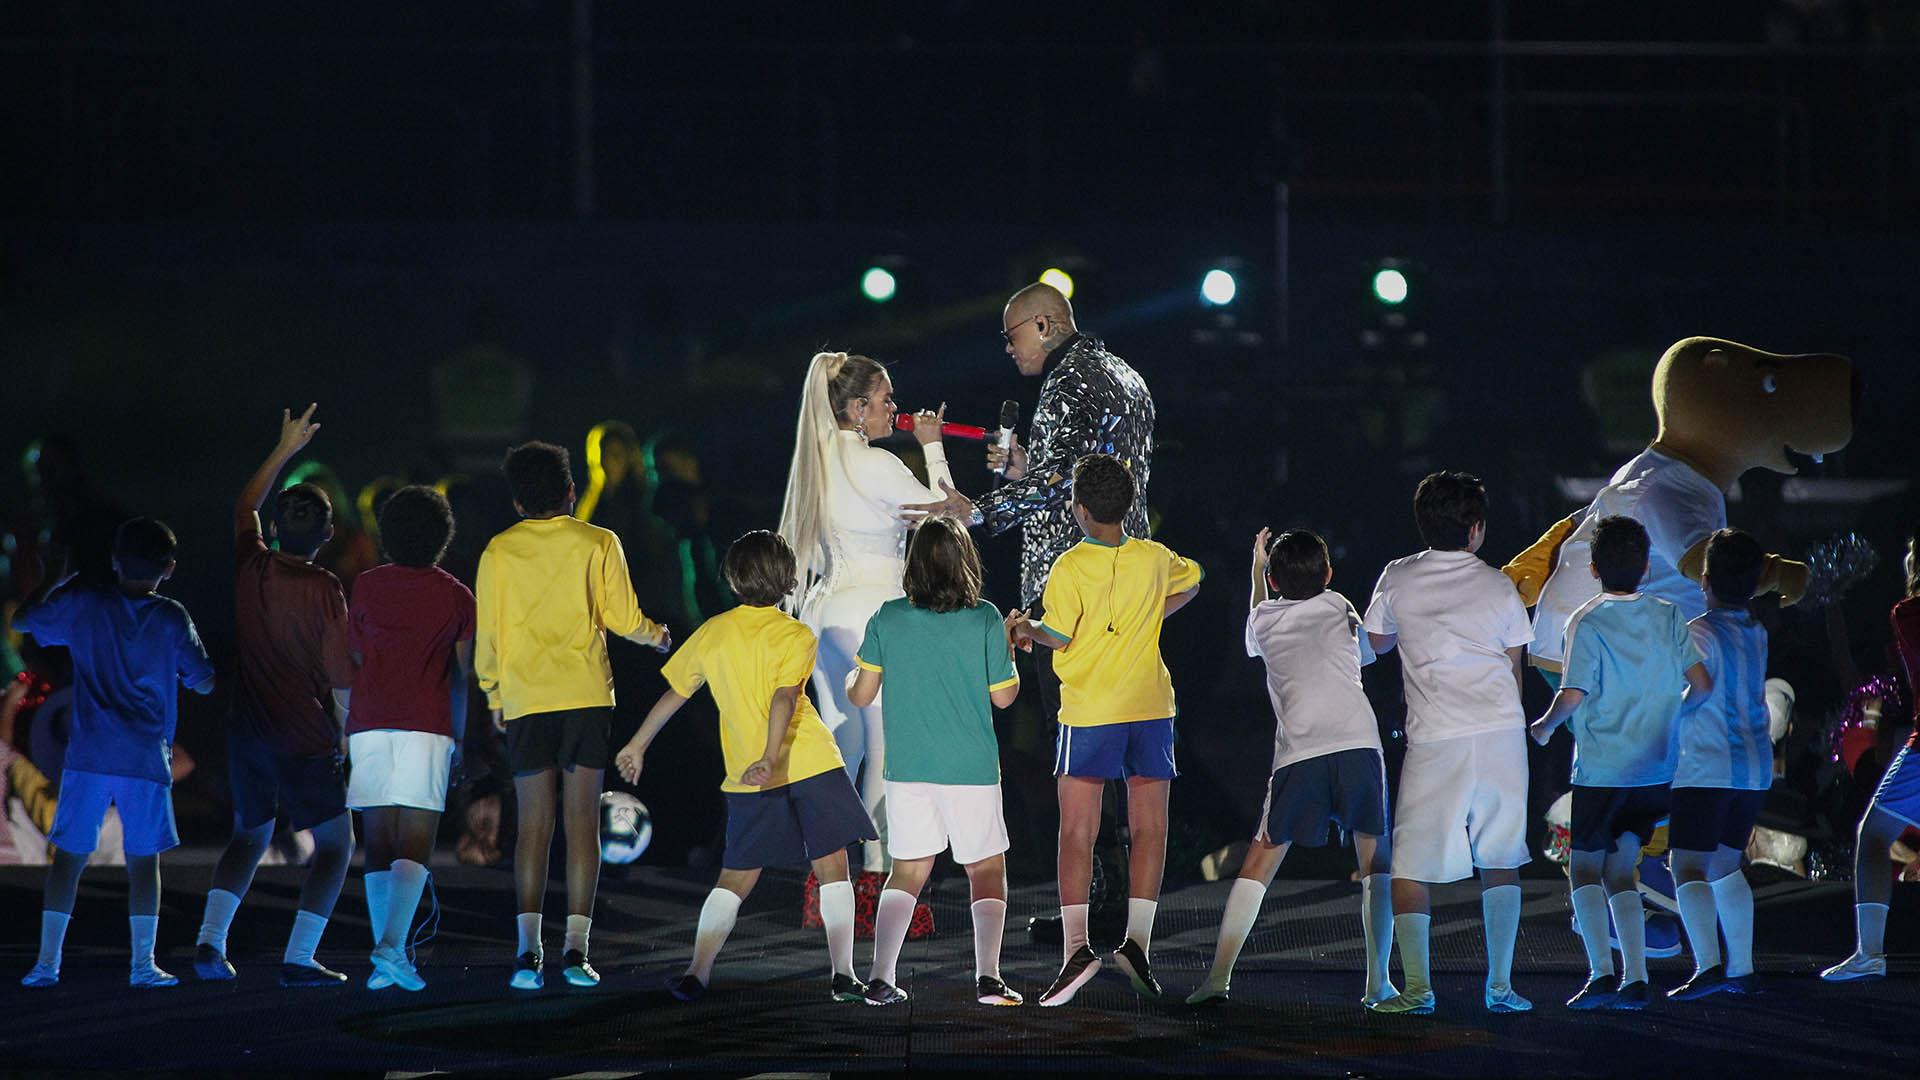 Los 12 niños y Zizito, la mascota de la ceremonia, acompañando a las figuras musicales